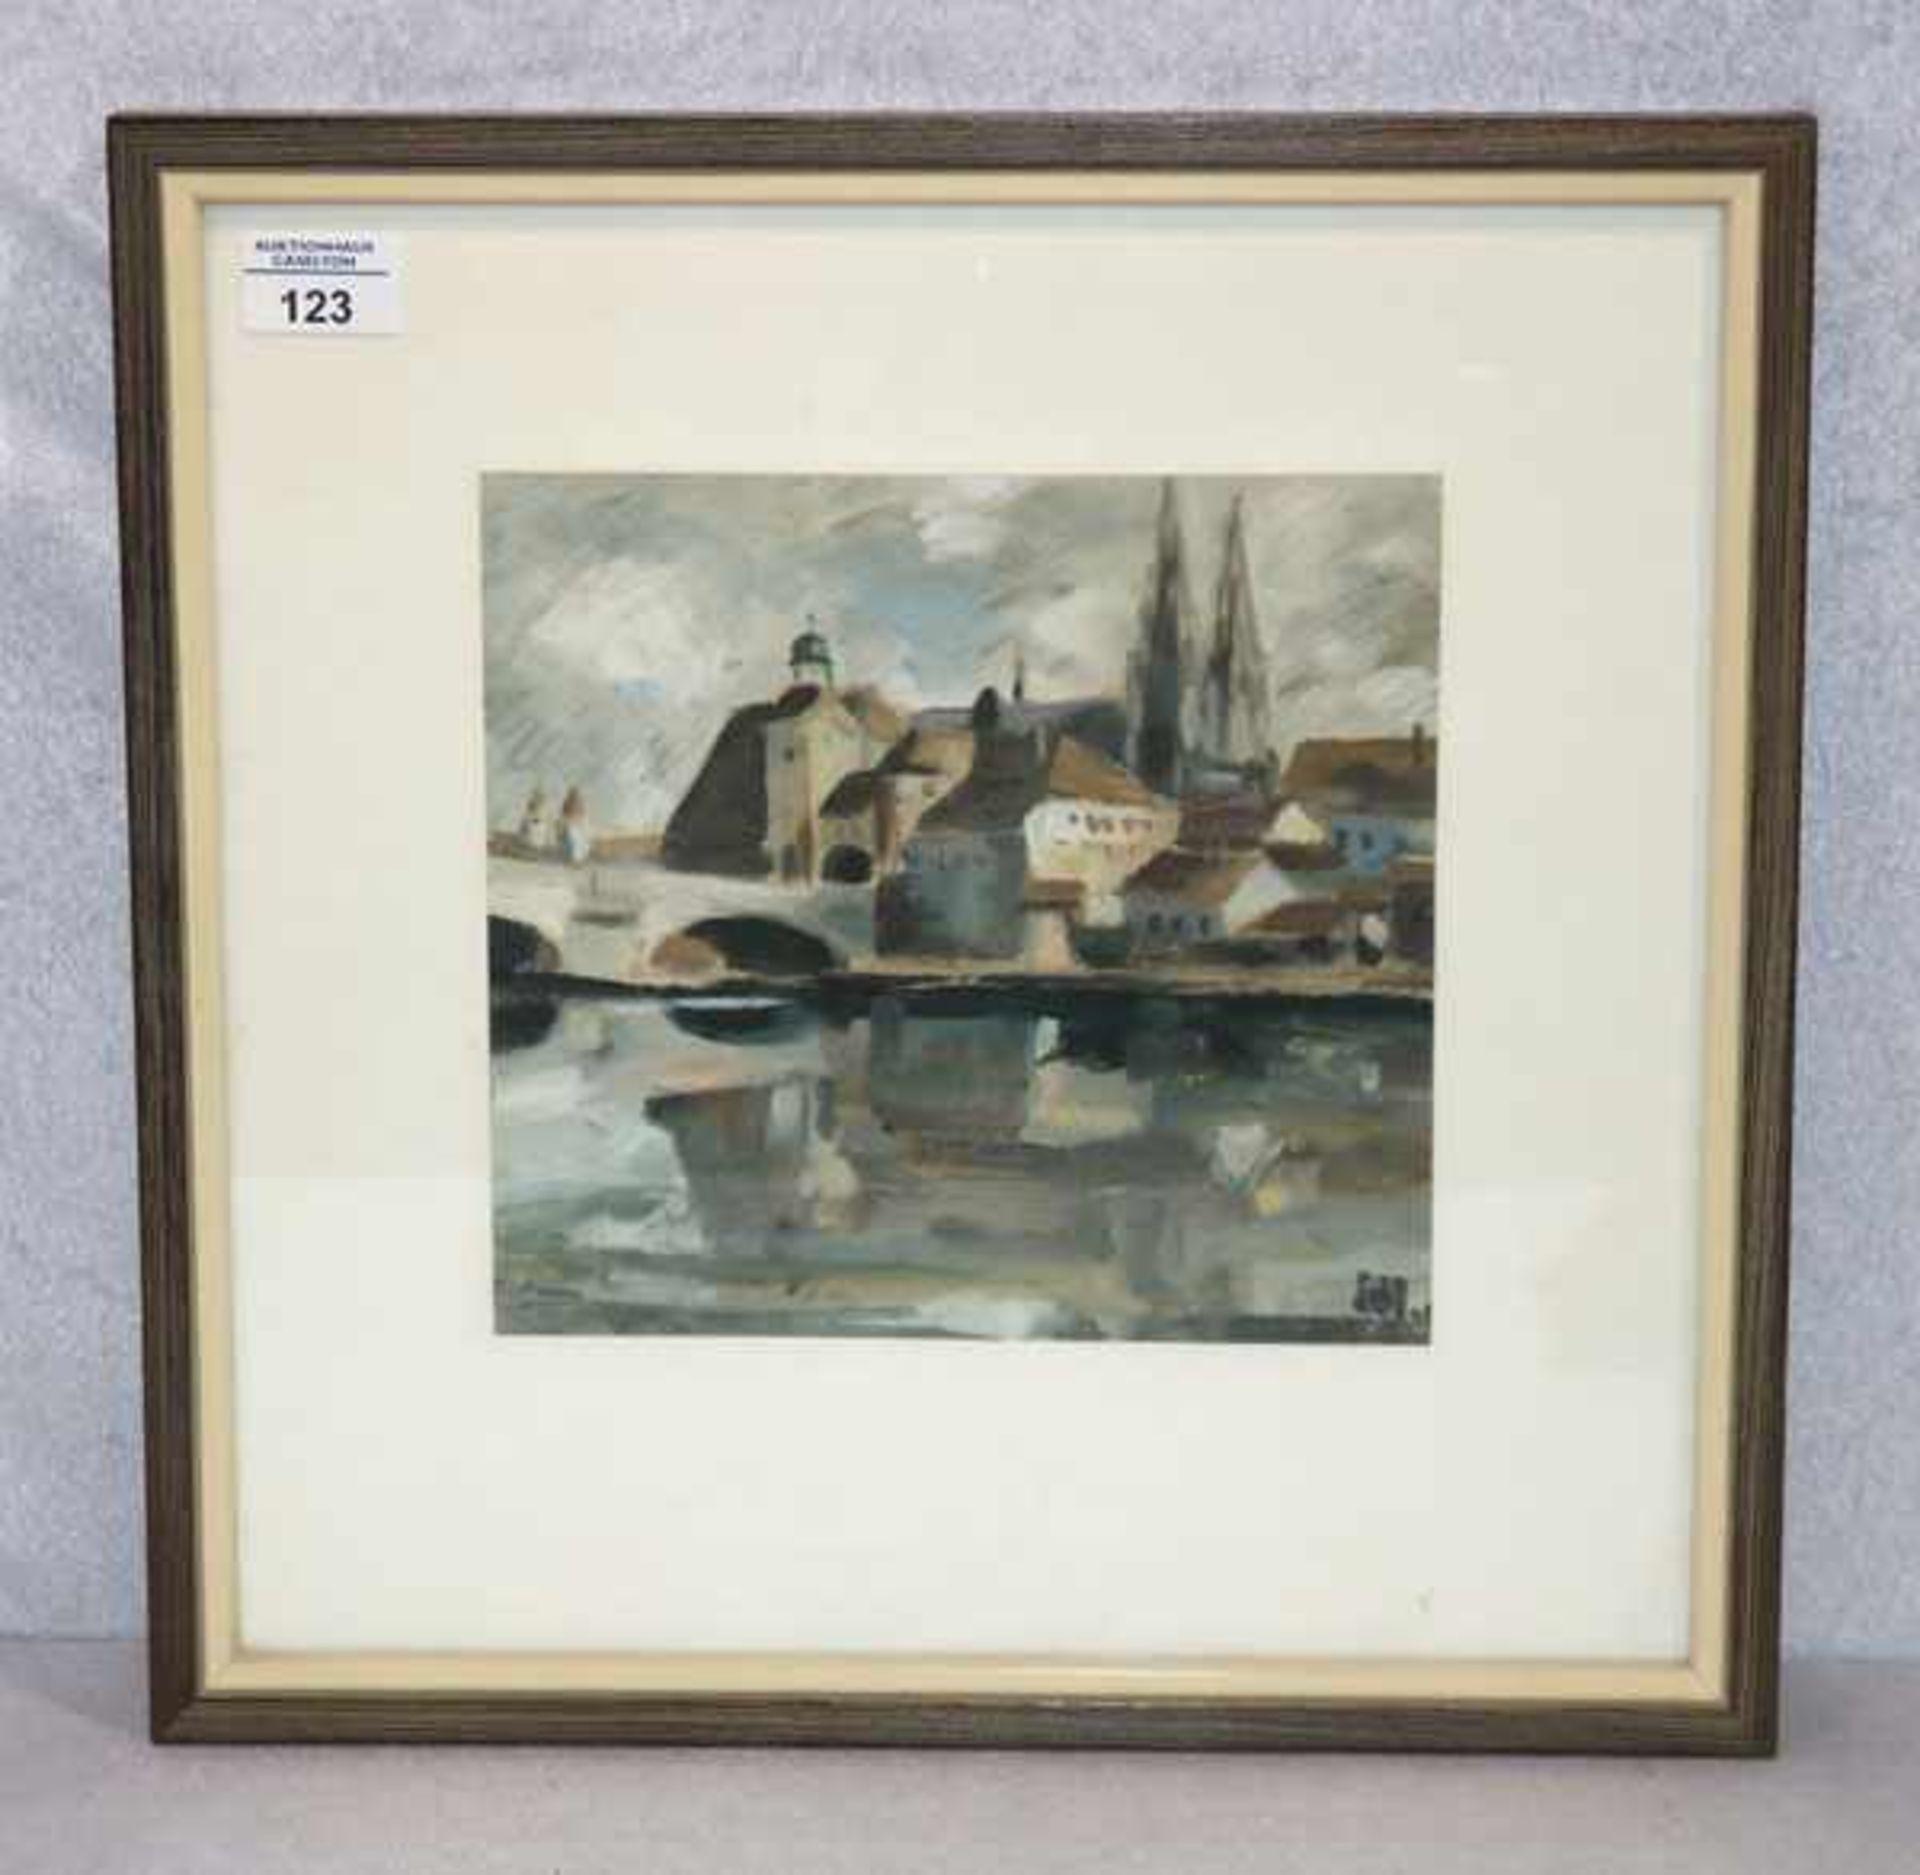 Los 123 - Ölgemälde 'Blick auf Regensburg', undeutlich monogrammiert, mit Passepartout unter Glas gerahmt,